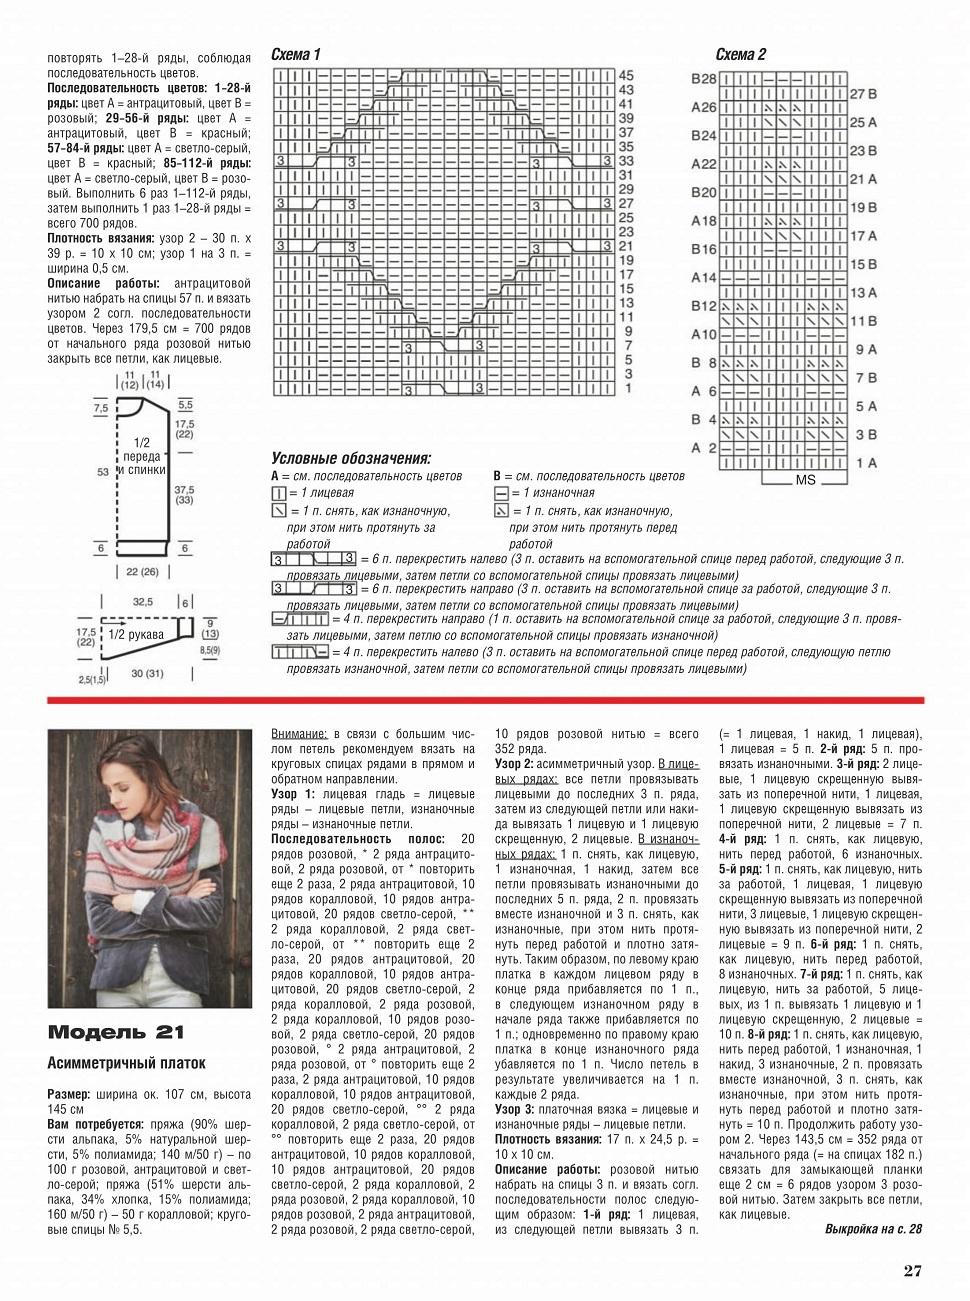 sabrin0119-27